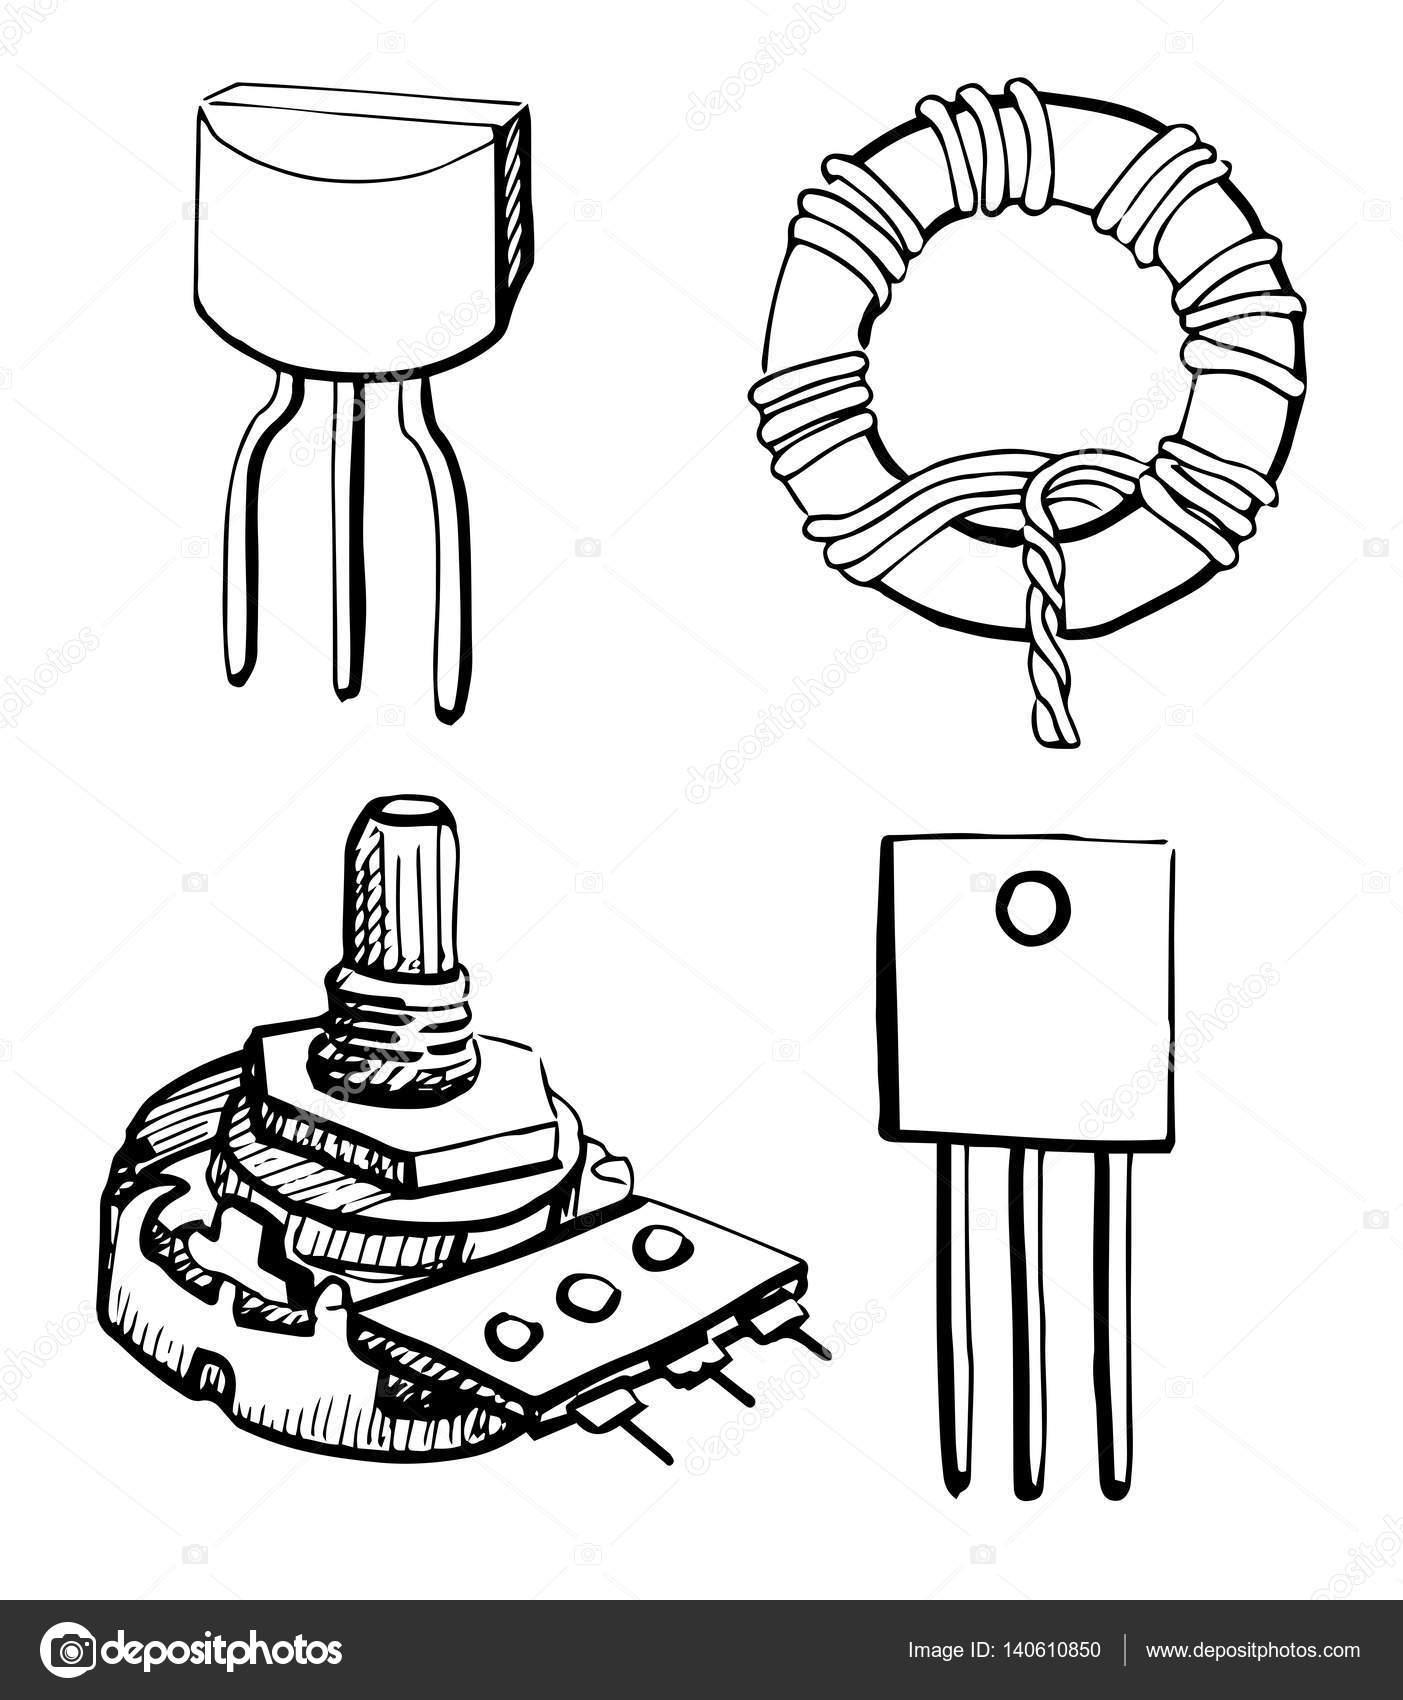 conjunto de componentes eletr u00f4nicos  potenci u00f4metro  transistor  indutor isolado no fundo branco